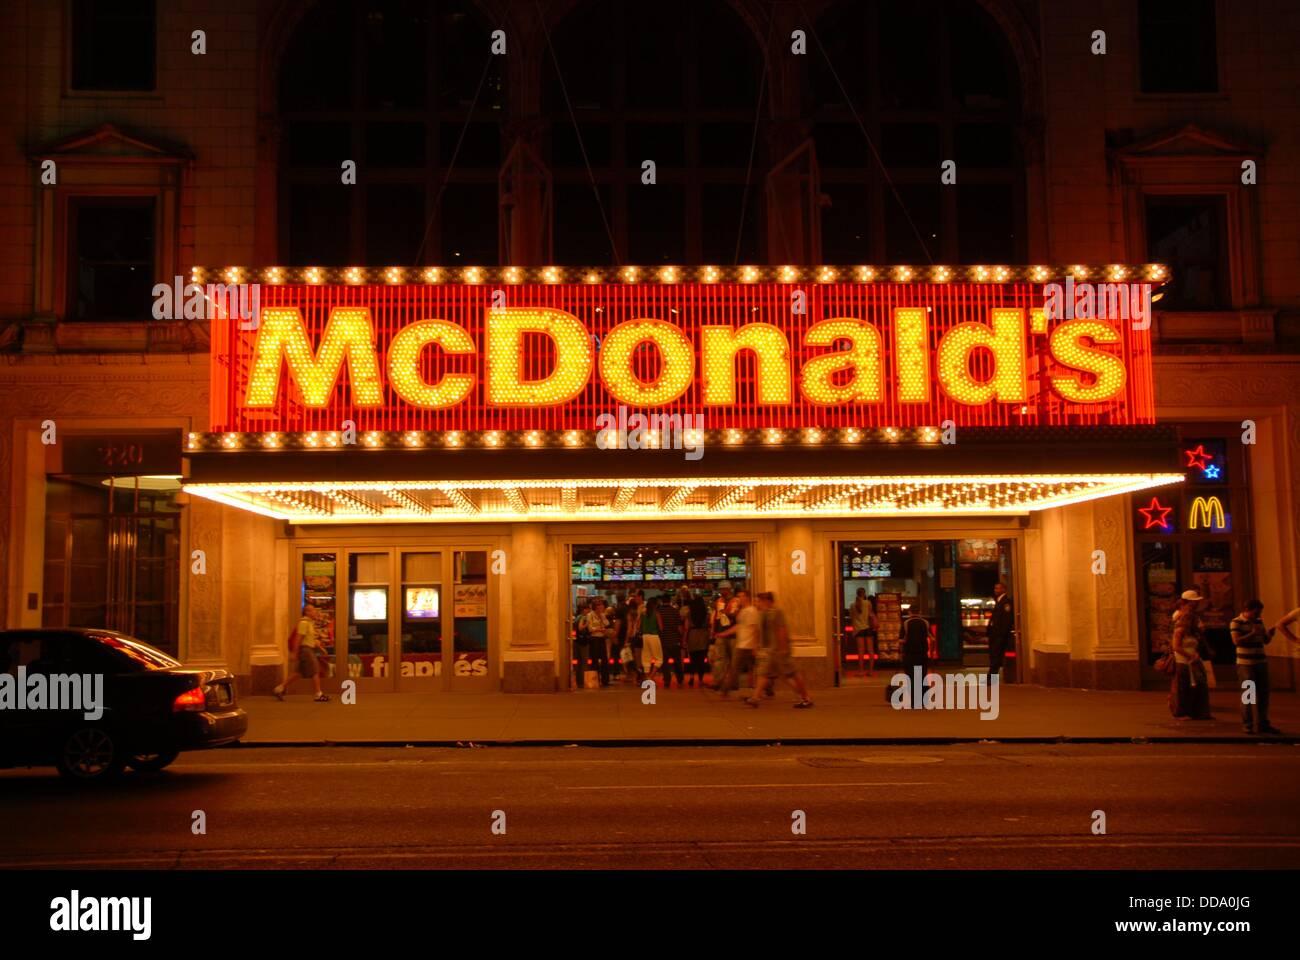 La plus grande région métropolitaine Mc Donalds en Amérique. Candler building. La 42e rue à Broadway. Times Square. Banque D'Images